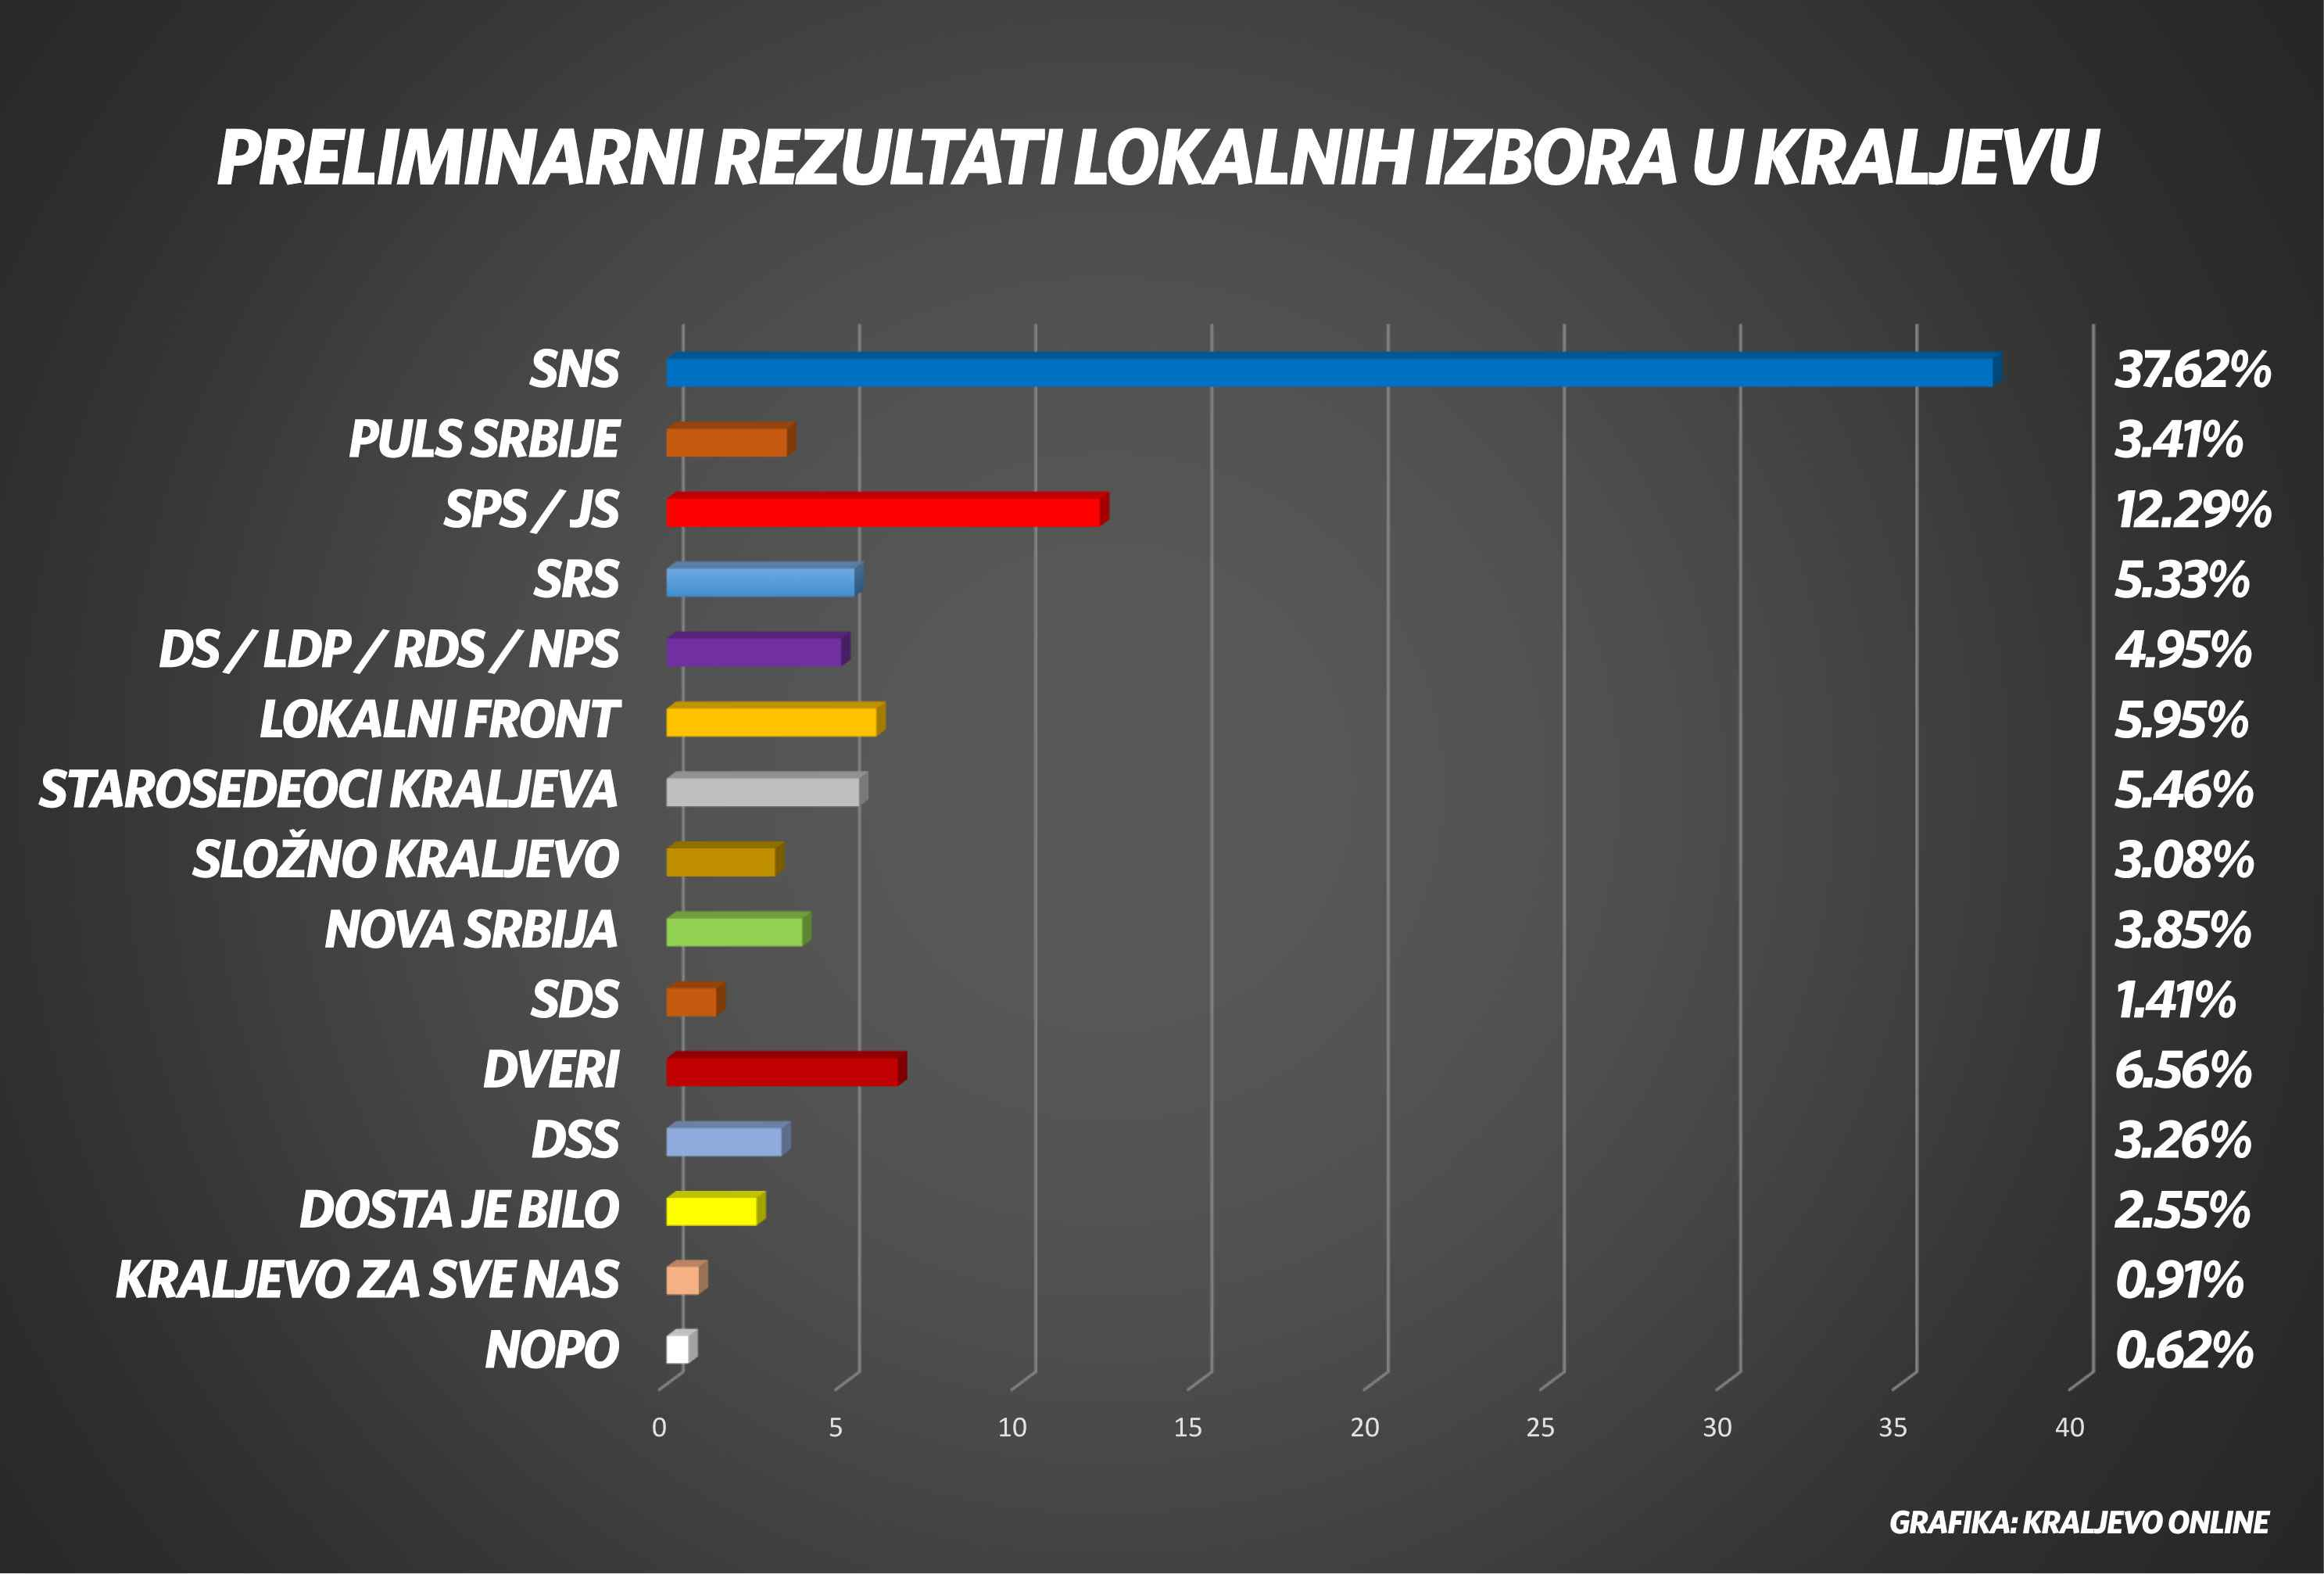 preliminarni-rezultati-kraljevo-lokal